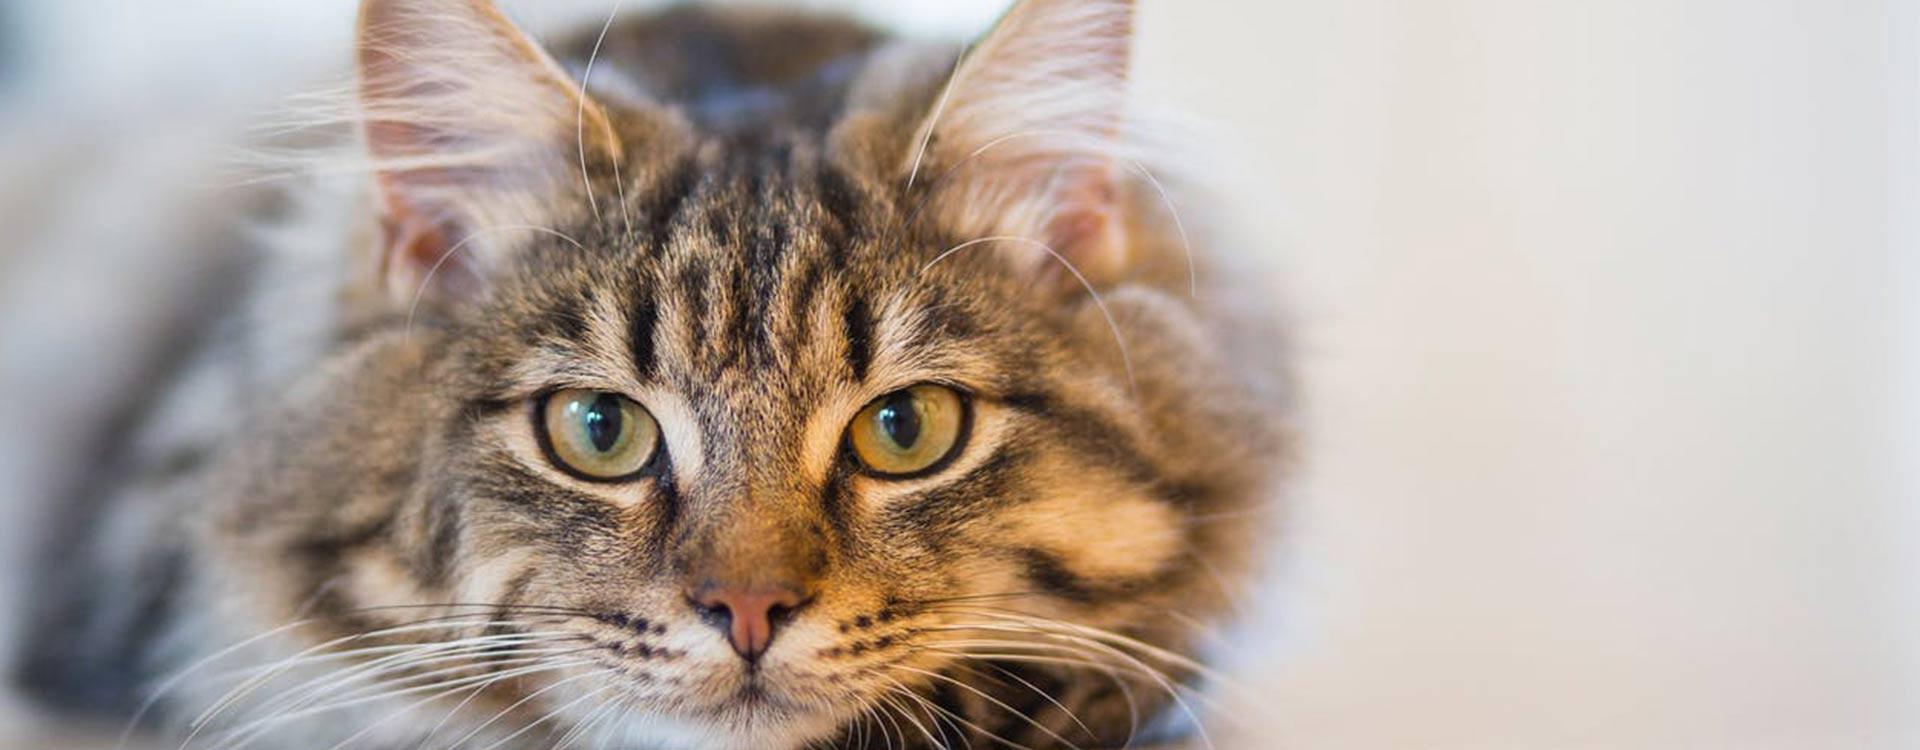 La stérilisation de la chatte, les questions fréquentes et idées reçues